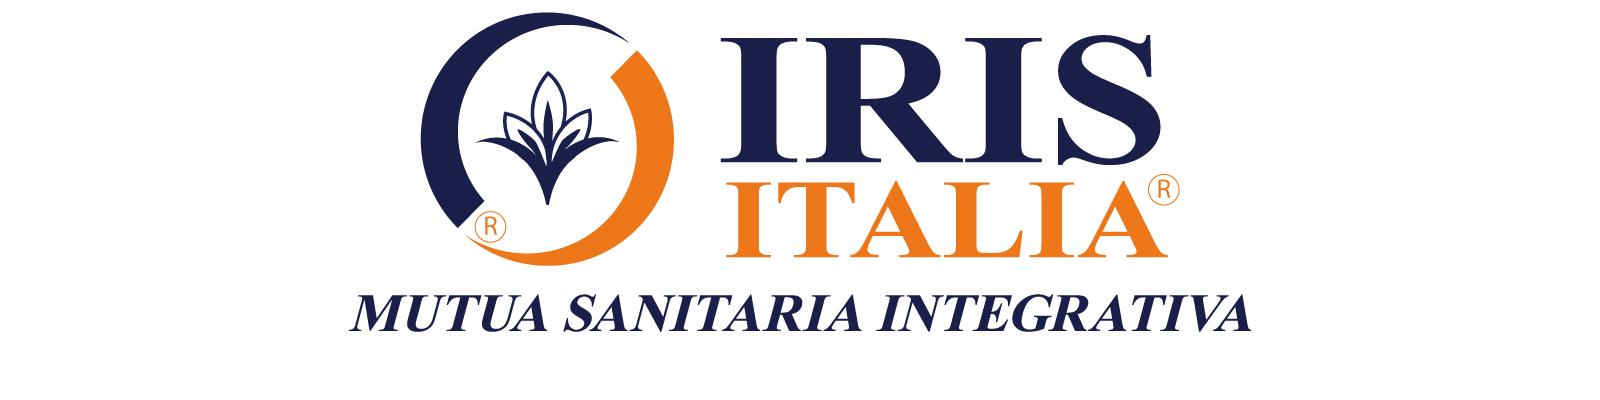 Mutua Sanitaria Integrativa Iris Italia